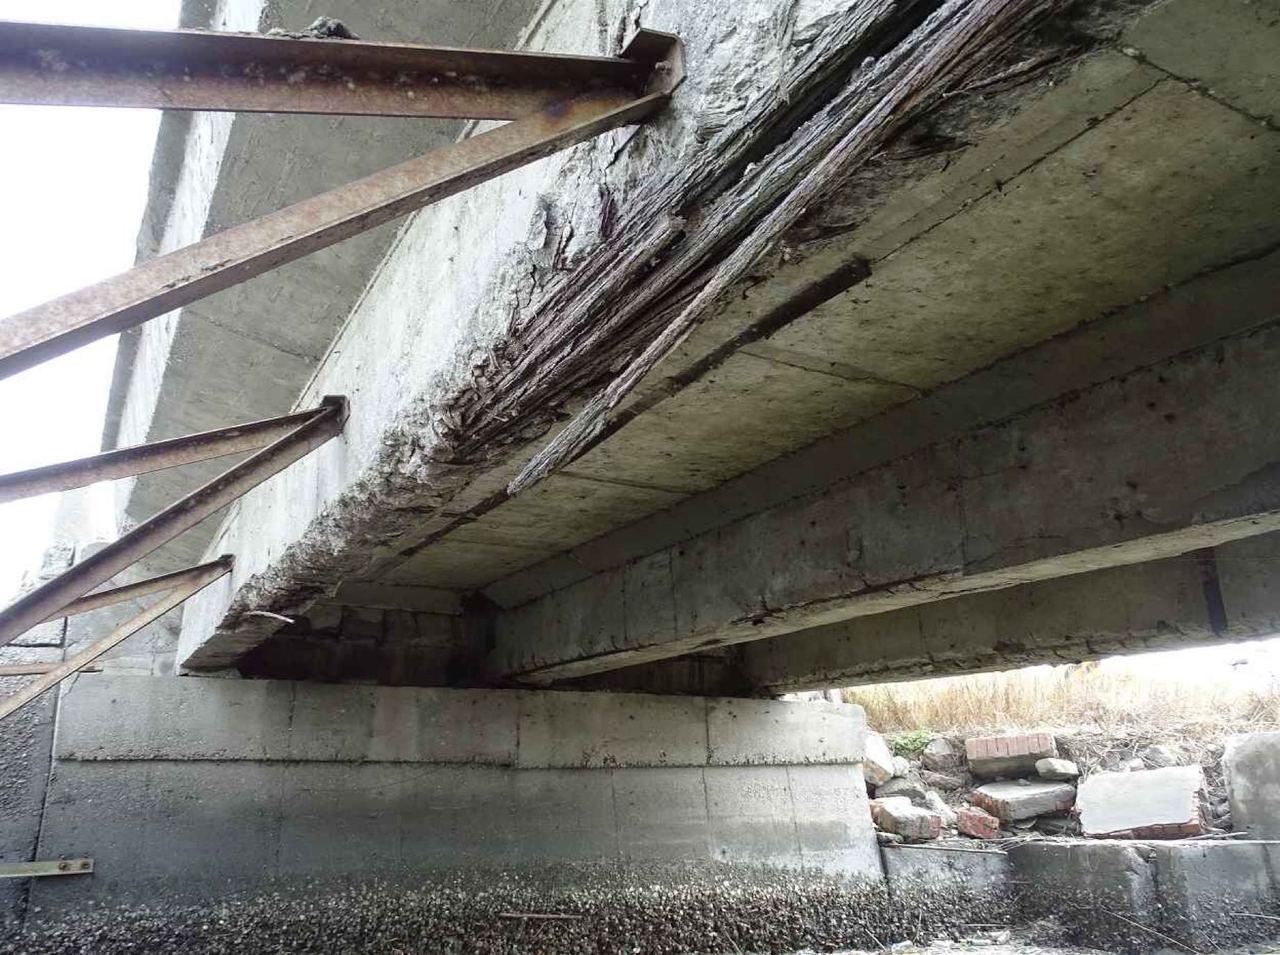 交通部今天公布馬上需要派修的橋梁,全台有39座仍在列管中,以雲林縣最多,包含今天...